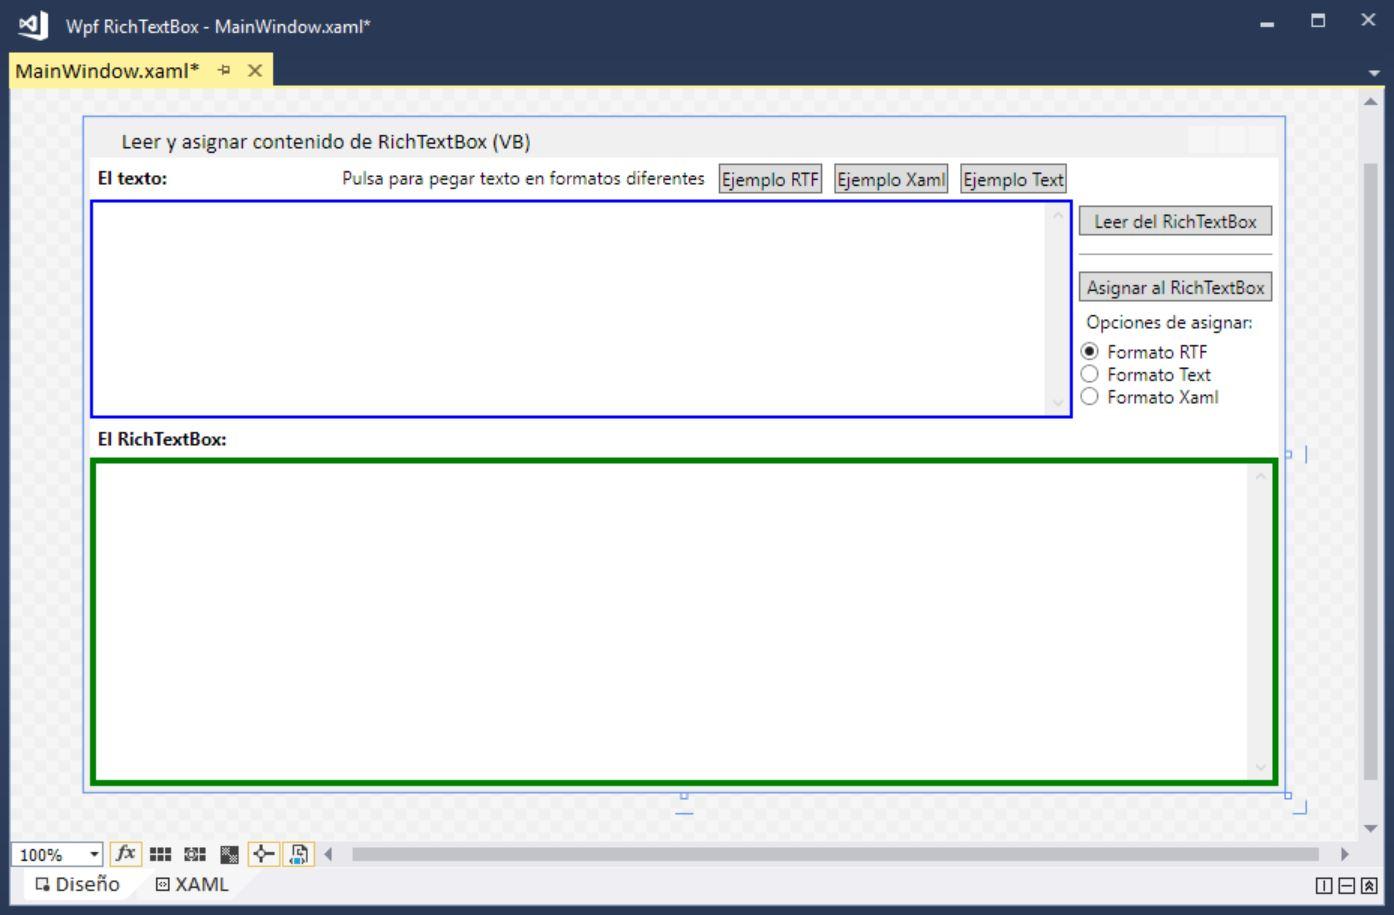 Figura 1. La ventana de la aplicación en tiempo de diseño